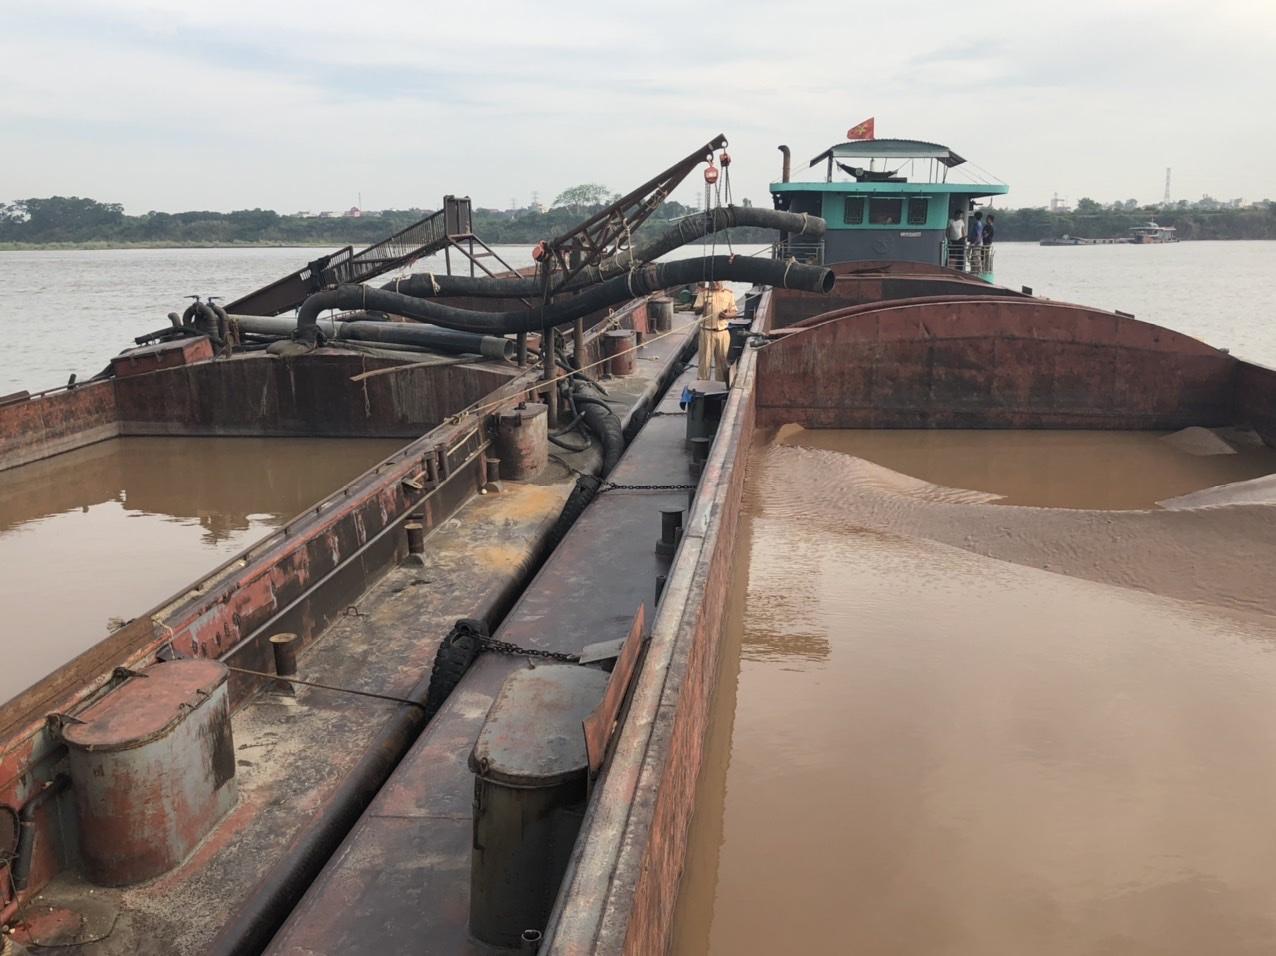 Bắt 8 phương tiện khai thác cát trái phép trên sông Hồng